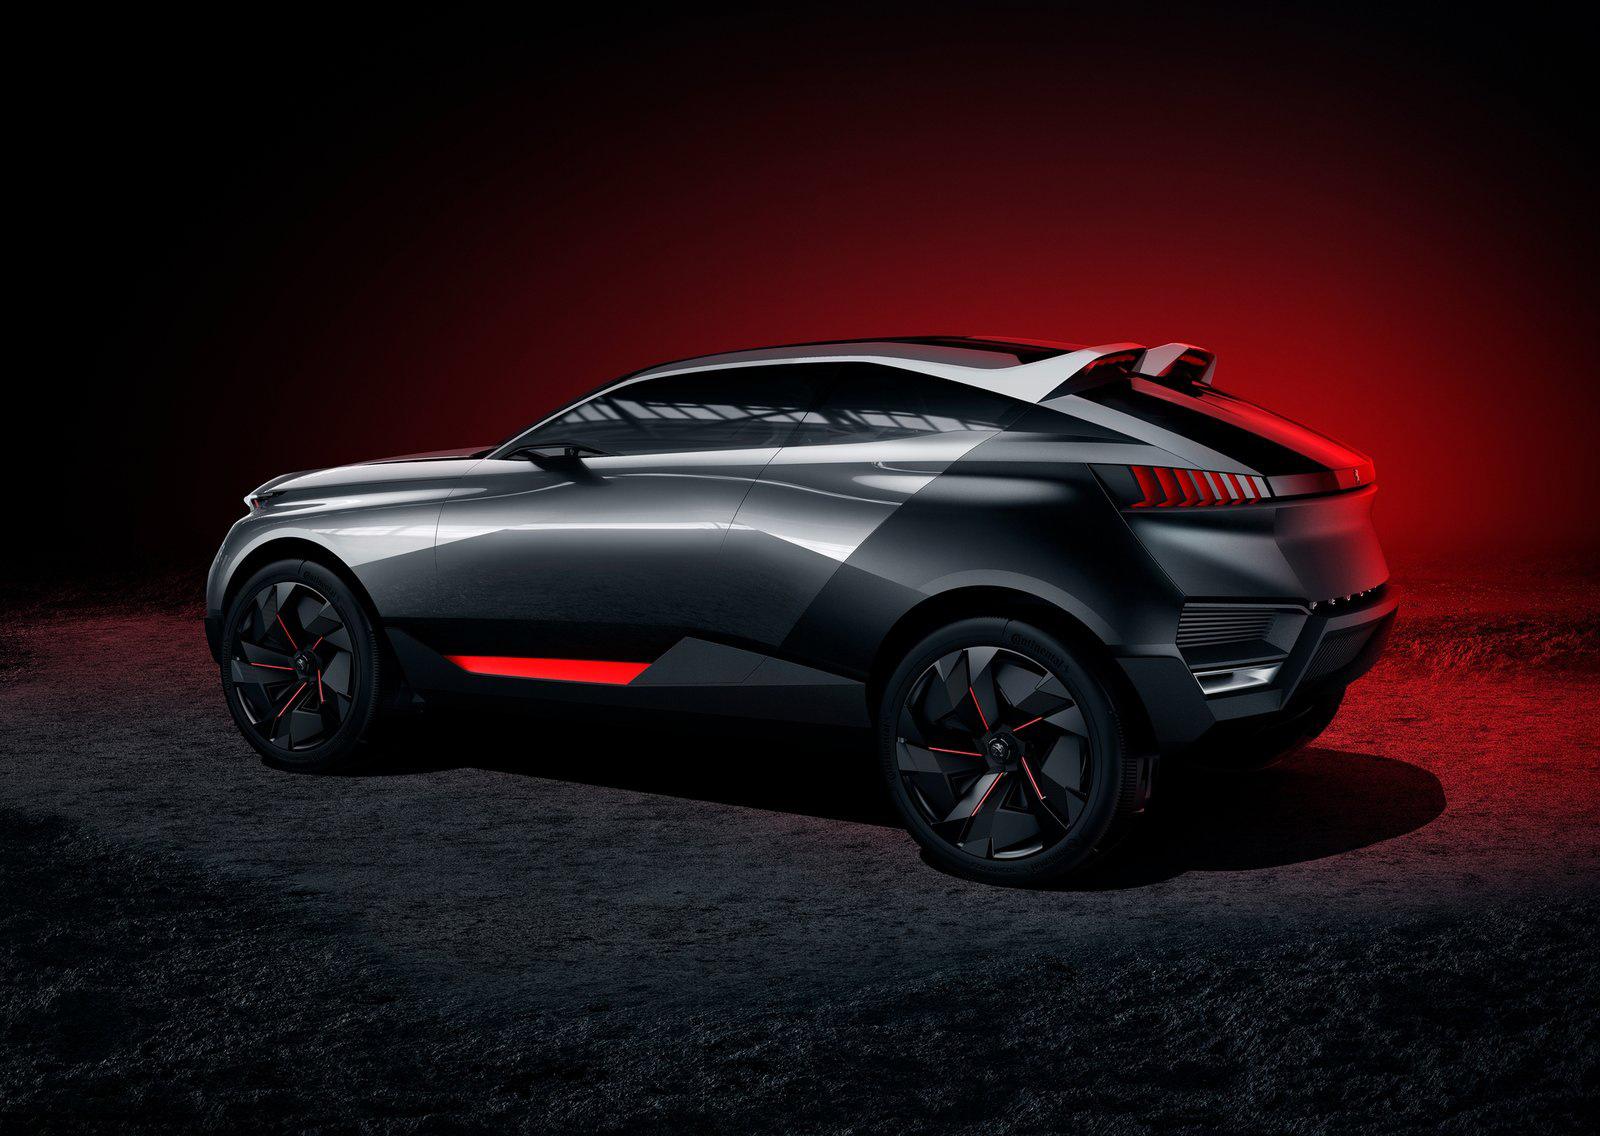 Peugeot-Quartz_Concept_2014_1600x1200_wallpaper_072